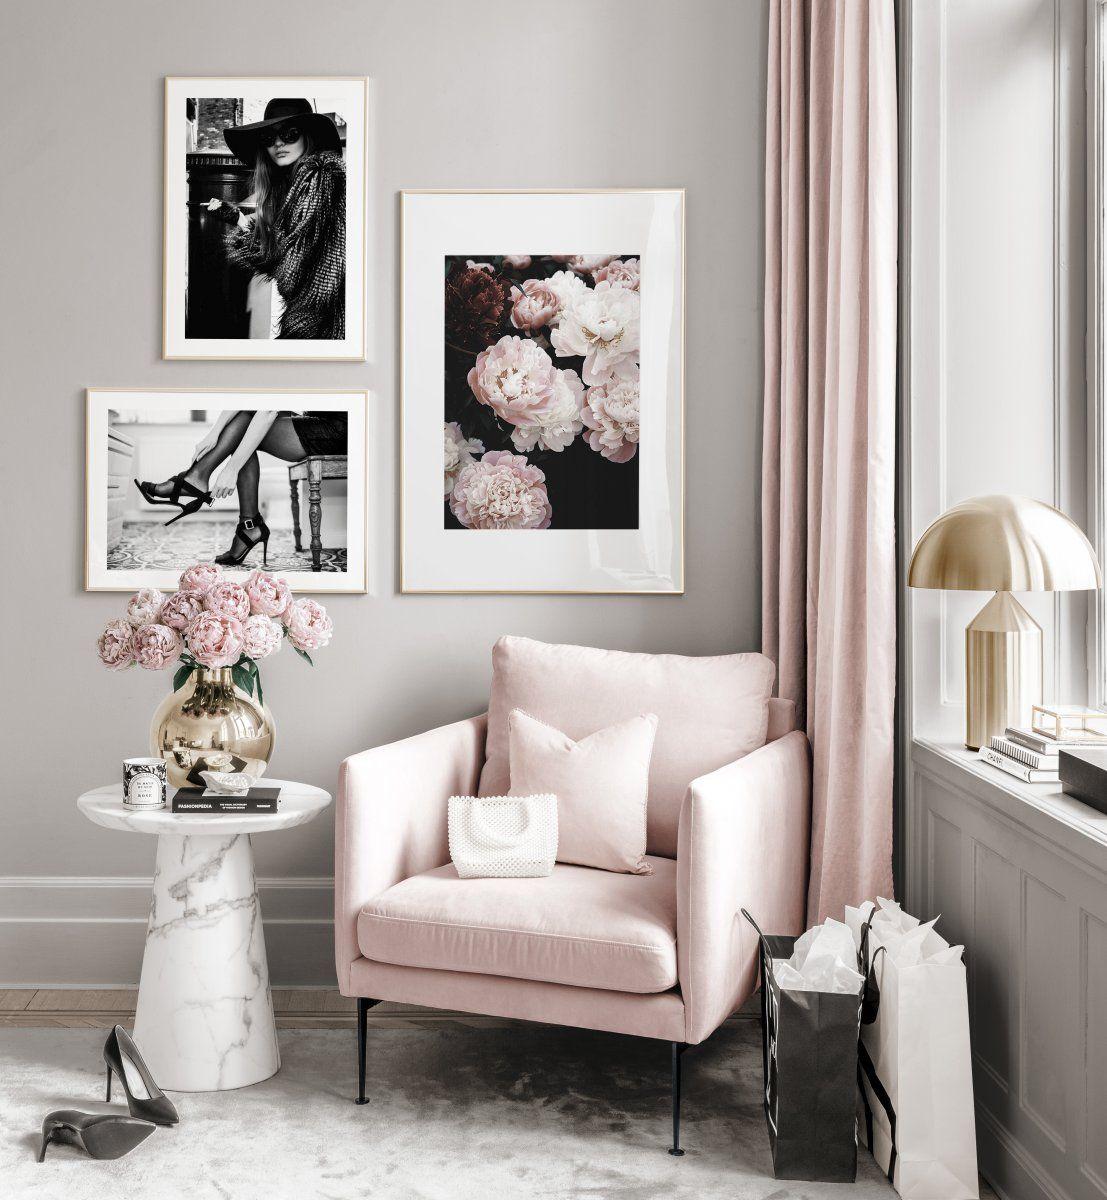 Modische Bilderwand schwarz-weiße Poster Frühlingspfingstrosen Goldrahmen